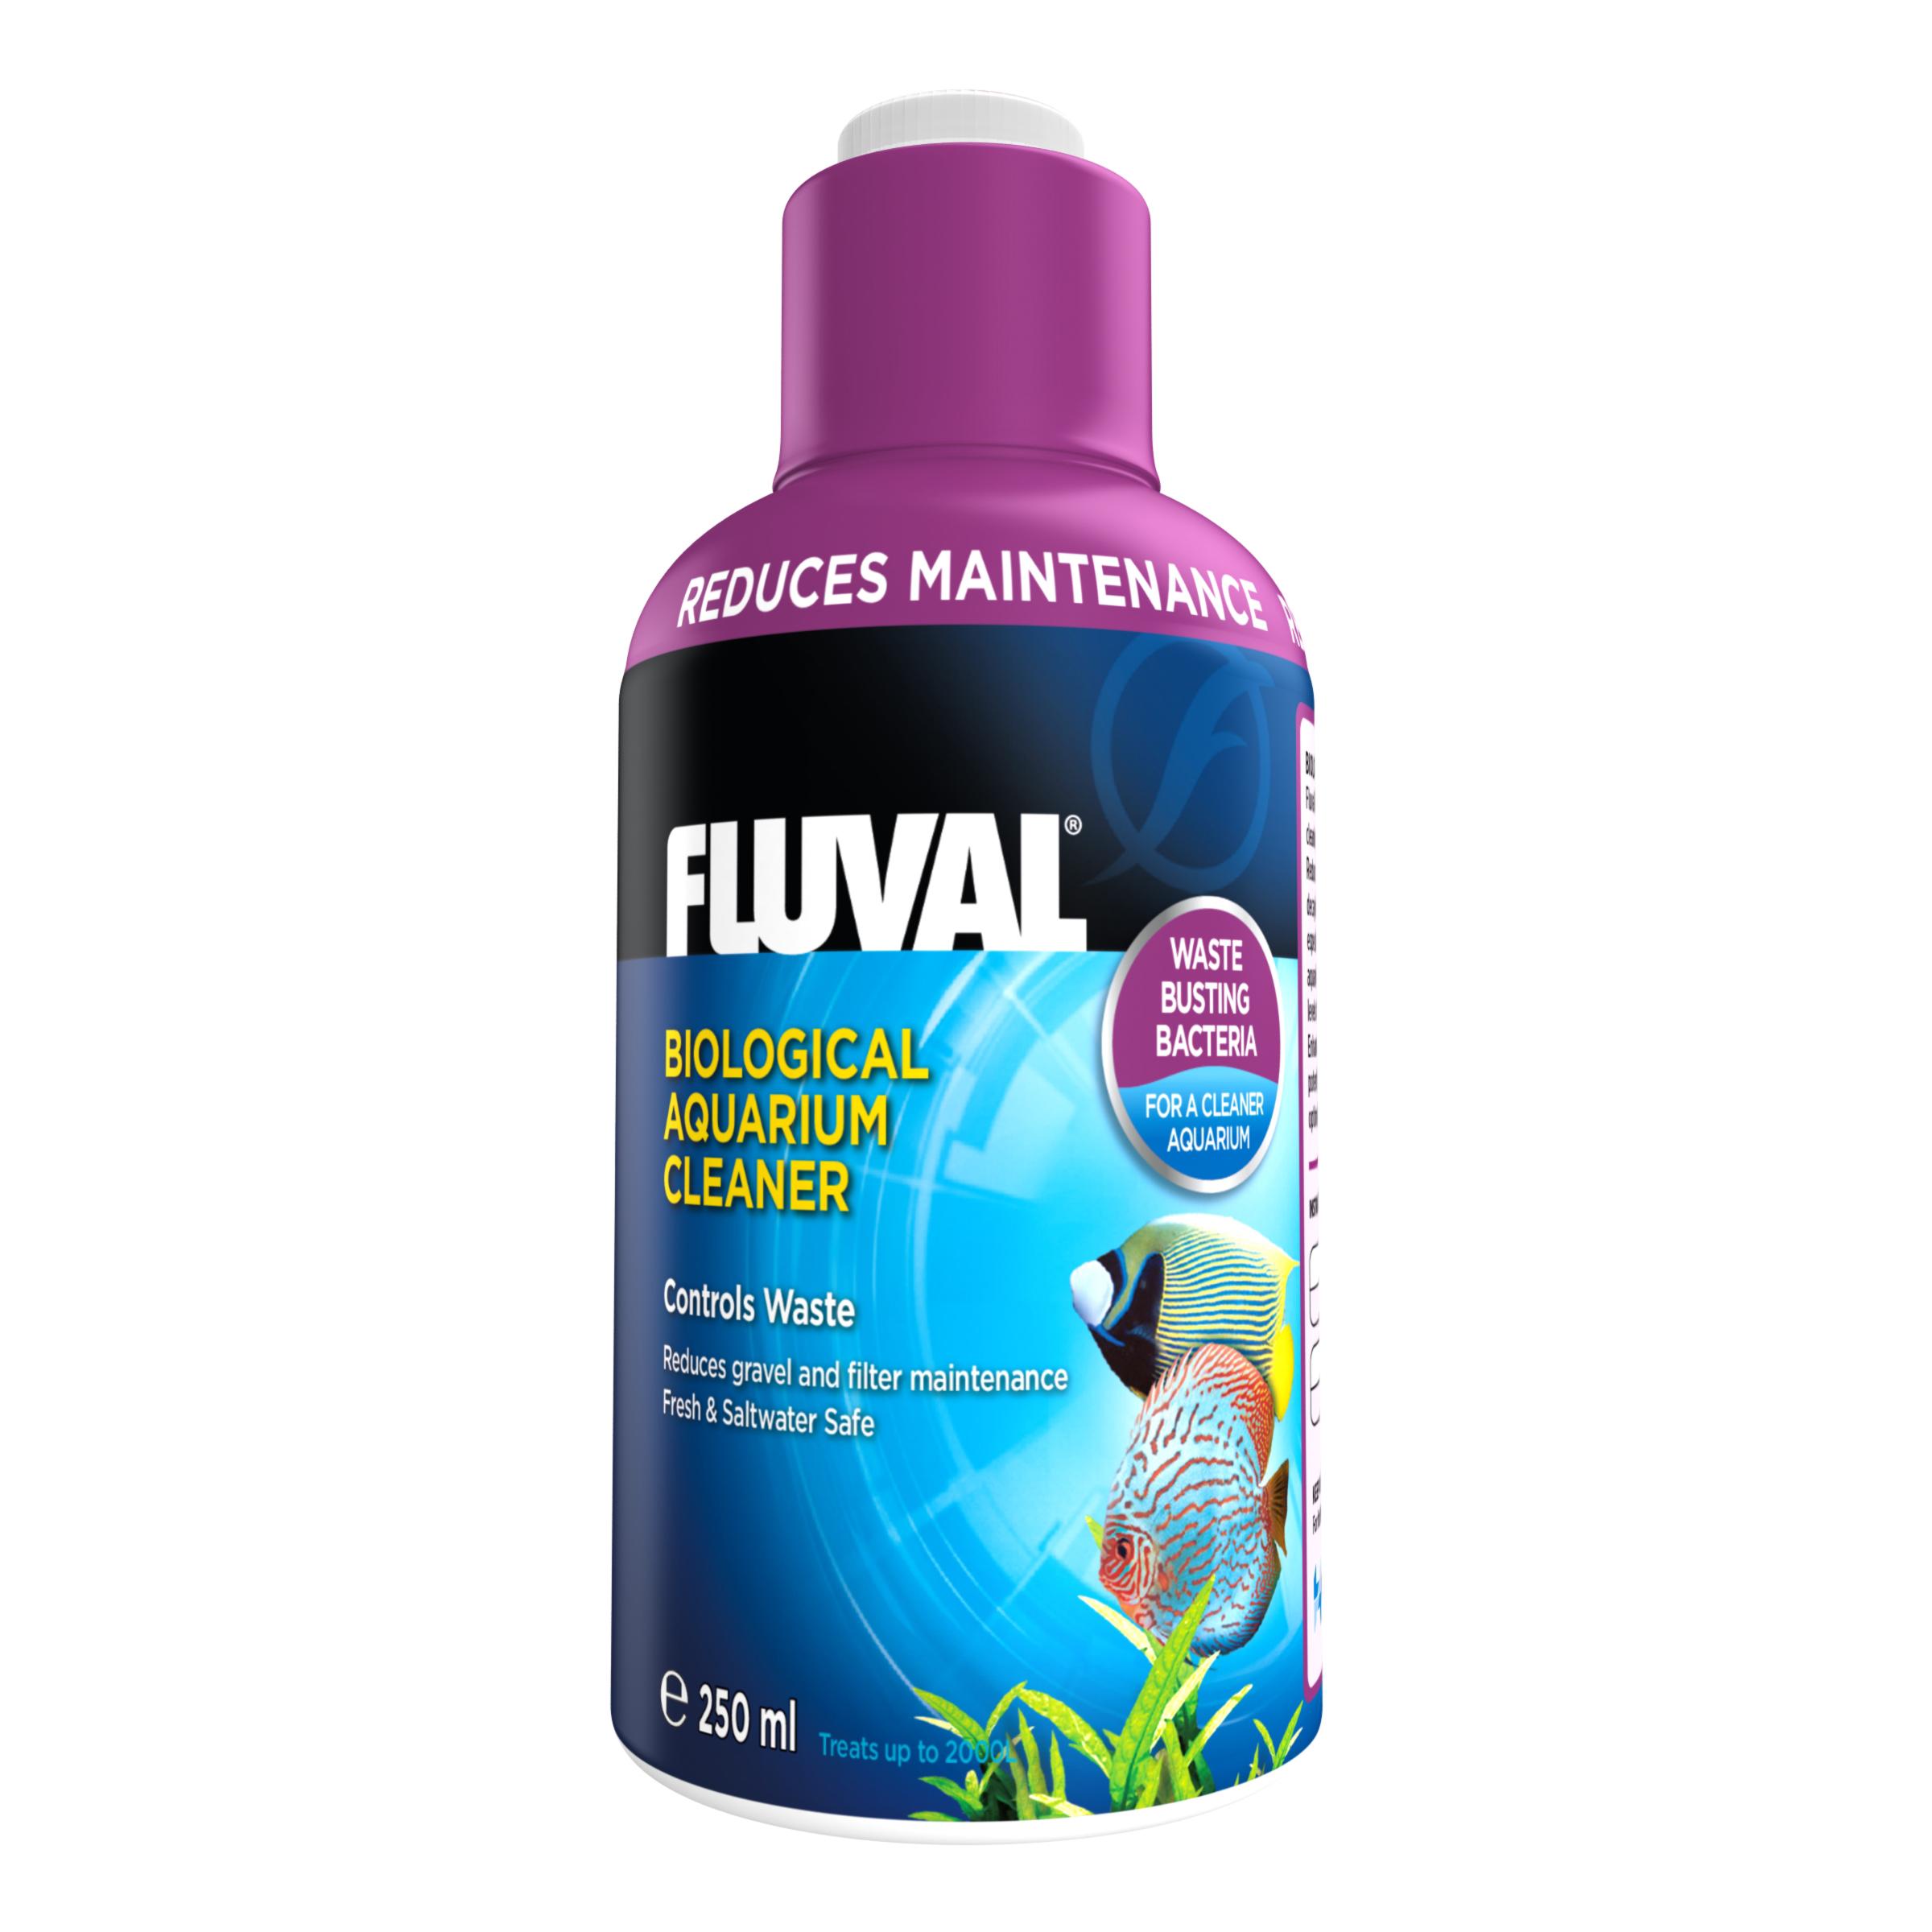 Fluval Biological Aquarium Cleaner 250ml